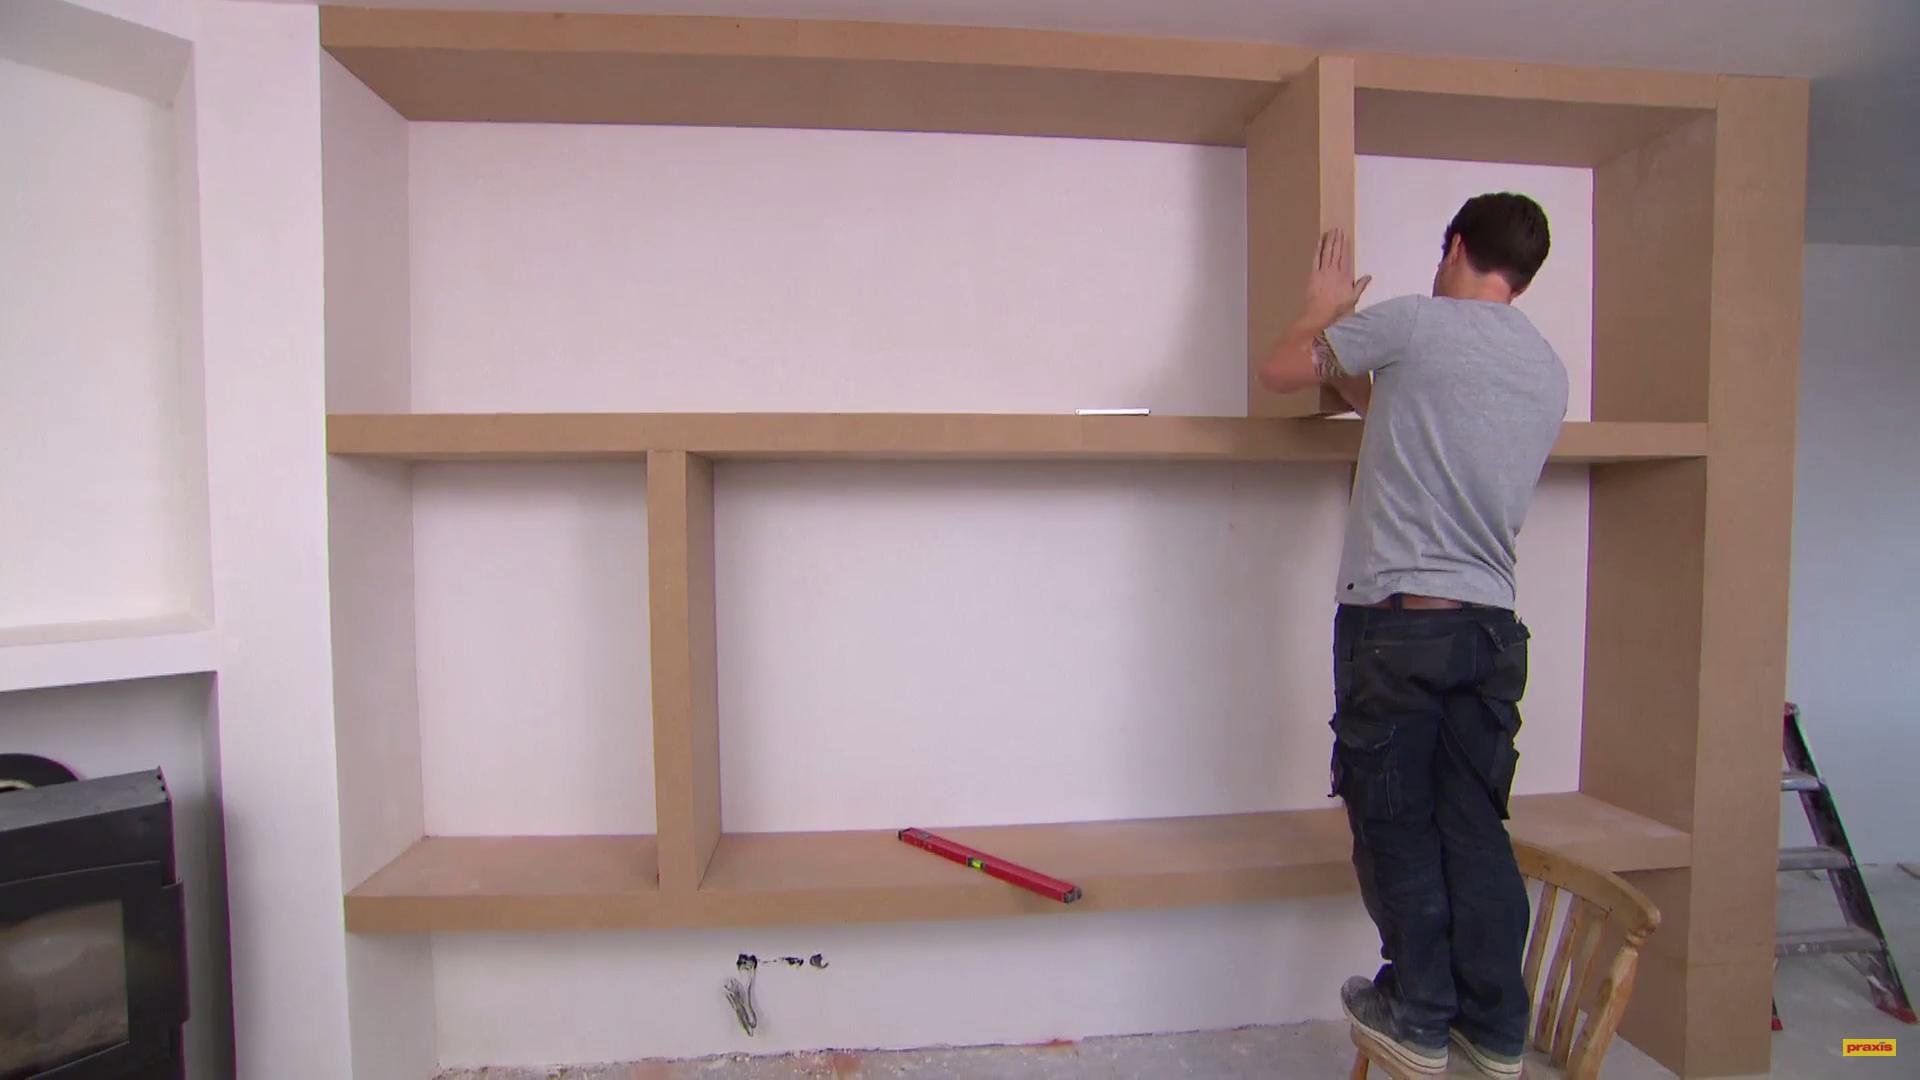 Wandkast maken vakkenkast - Planken maken in een kast ...